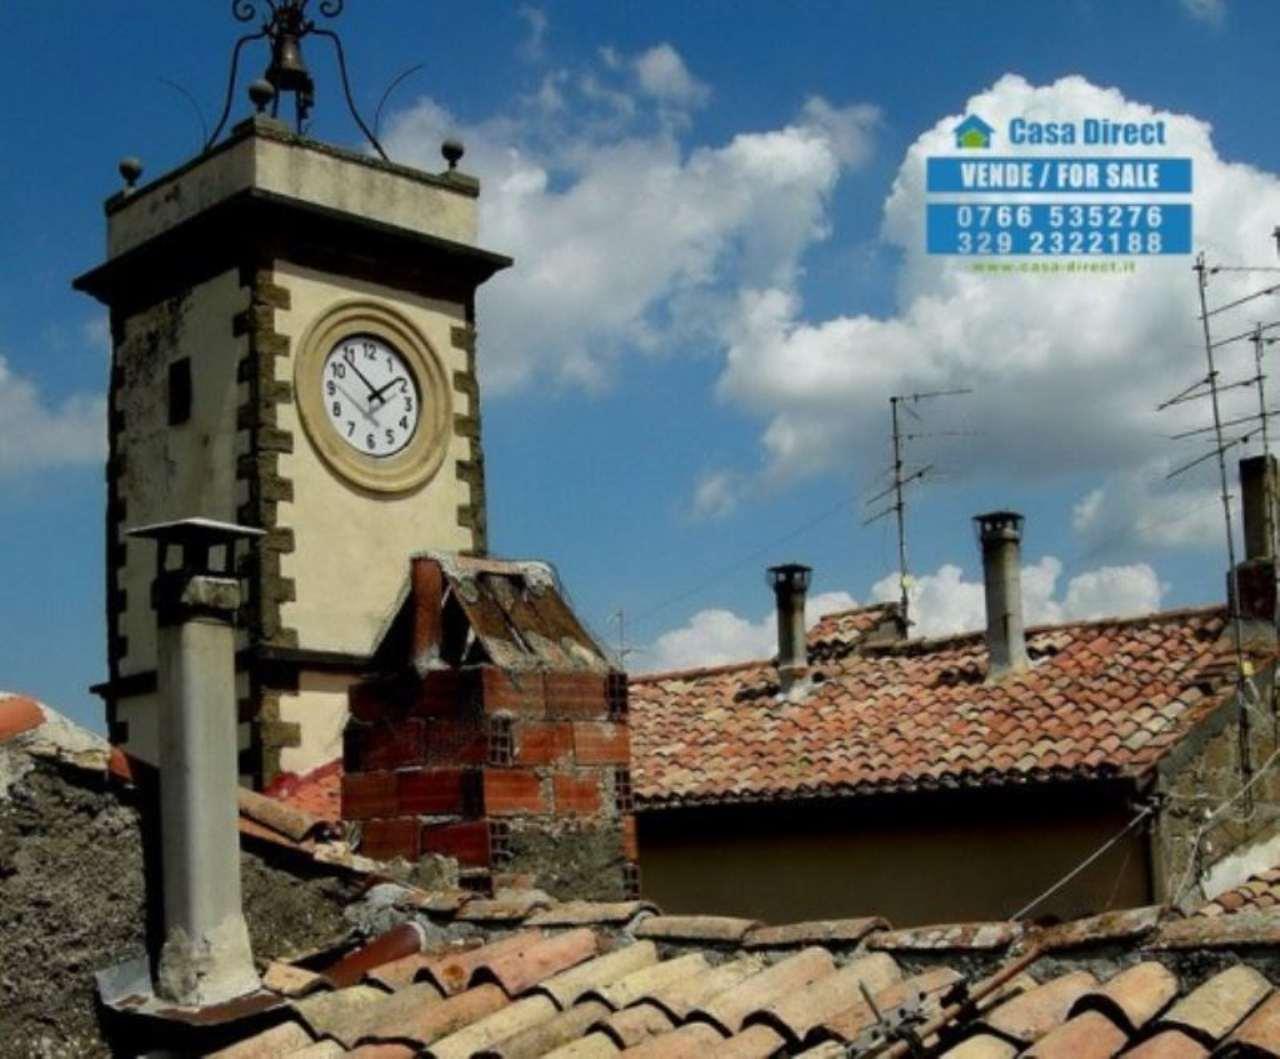 Appartamento in vendita a Piansano, 3 locali, prezzo € 39.000 | Cambio Casa.it